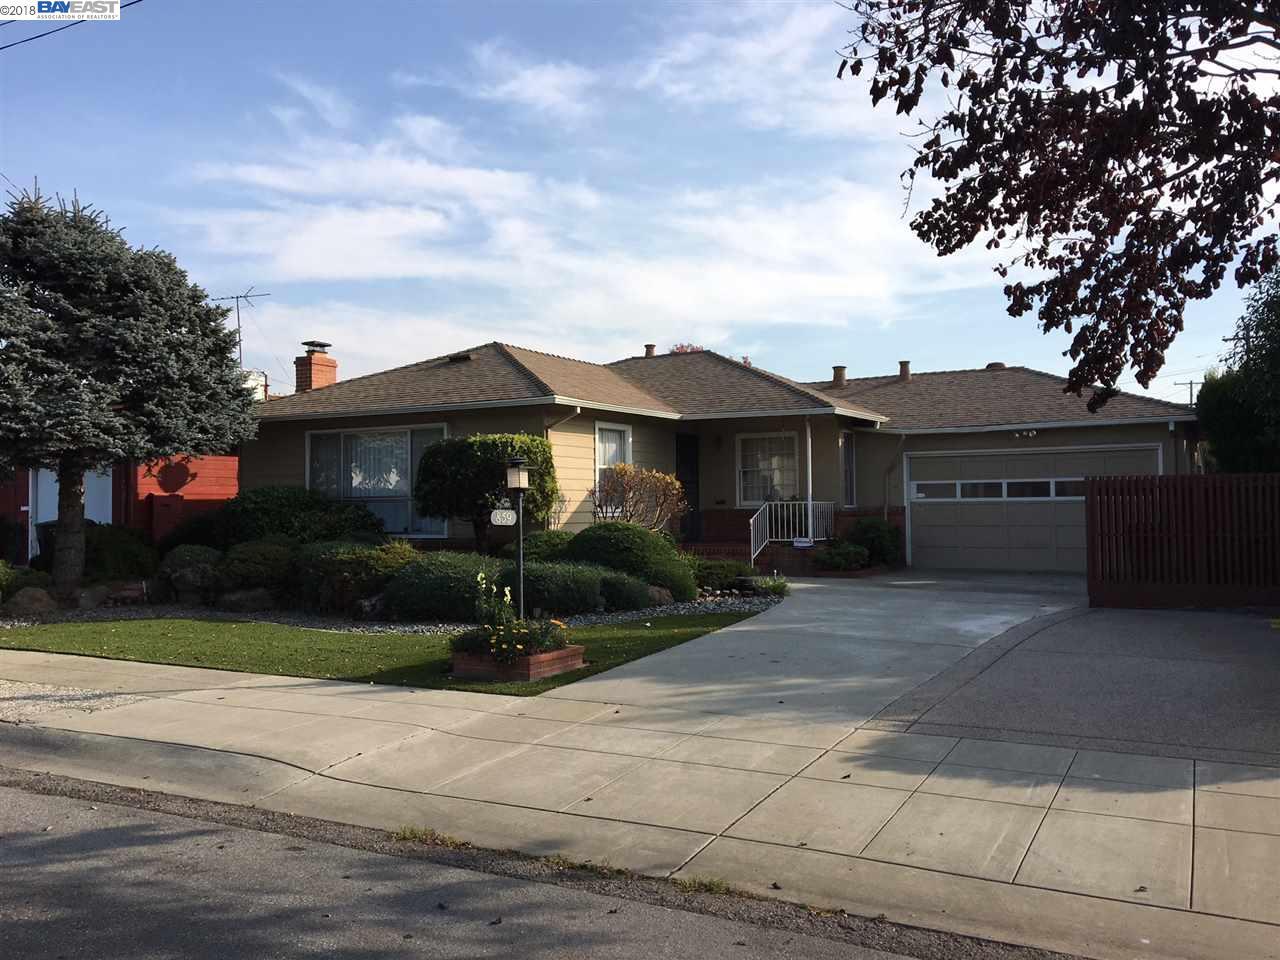 859 Kenyon Ave | SAN LEANDRO | 1635 | 94577